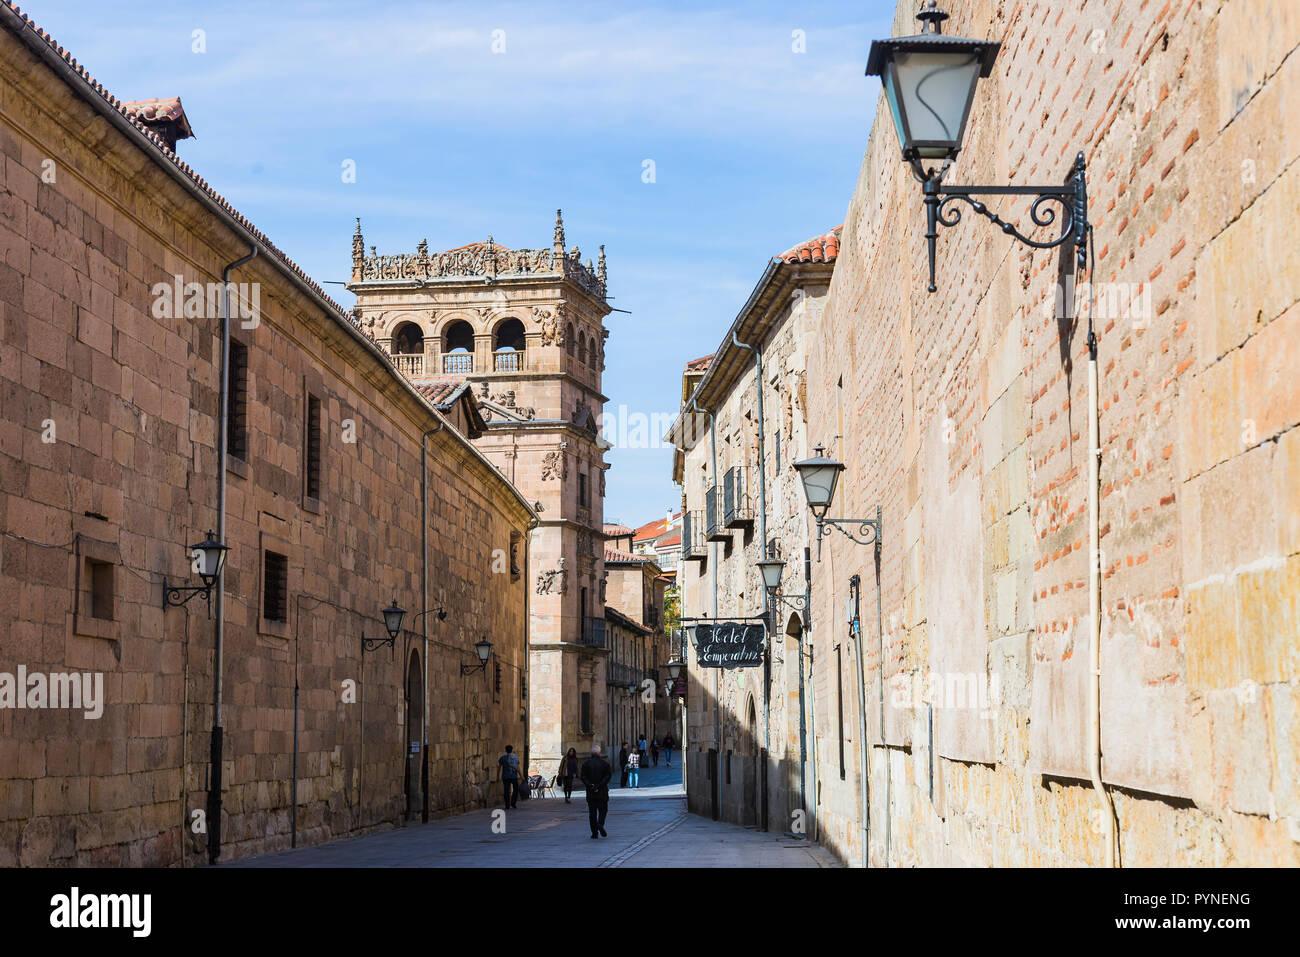 Calle de la Compania and the tower of the Palacio de Monterrey. Salamanca, Castilla y Leon, Spain, Europe Stock Photo